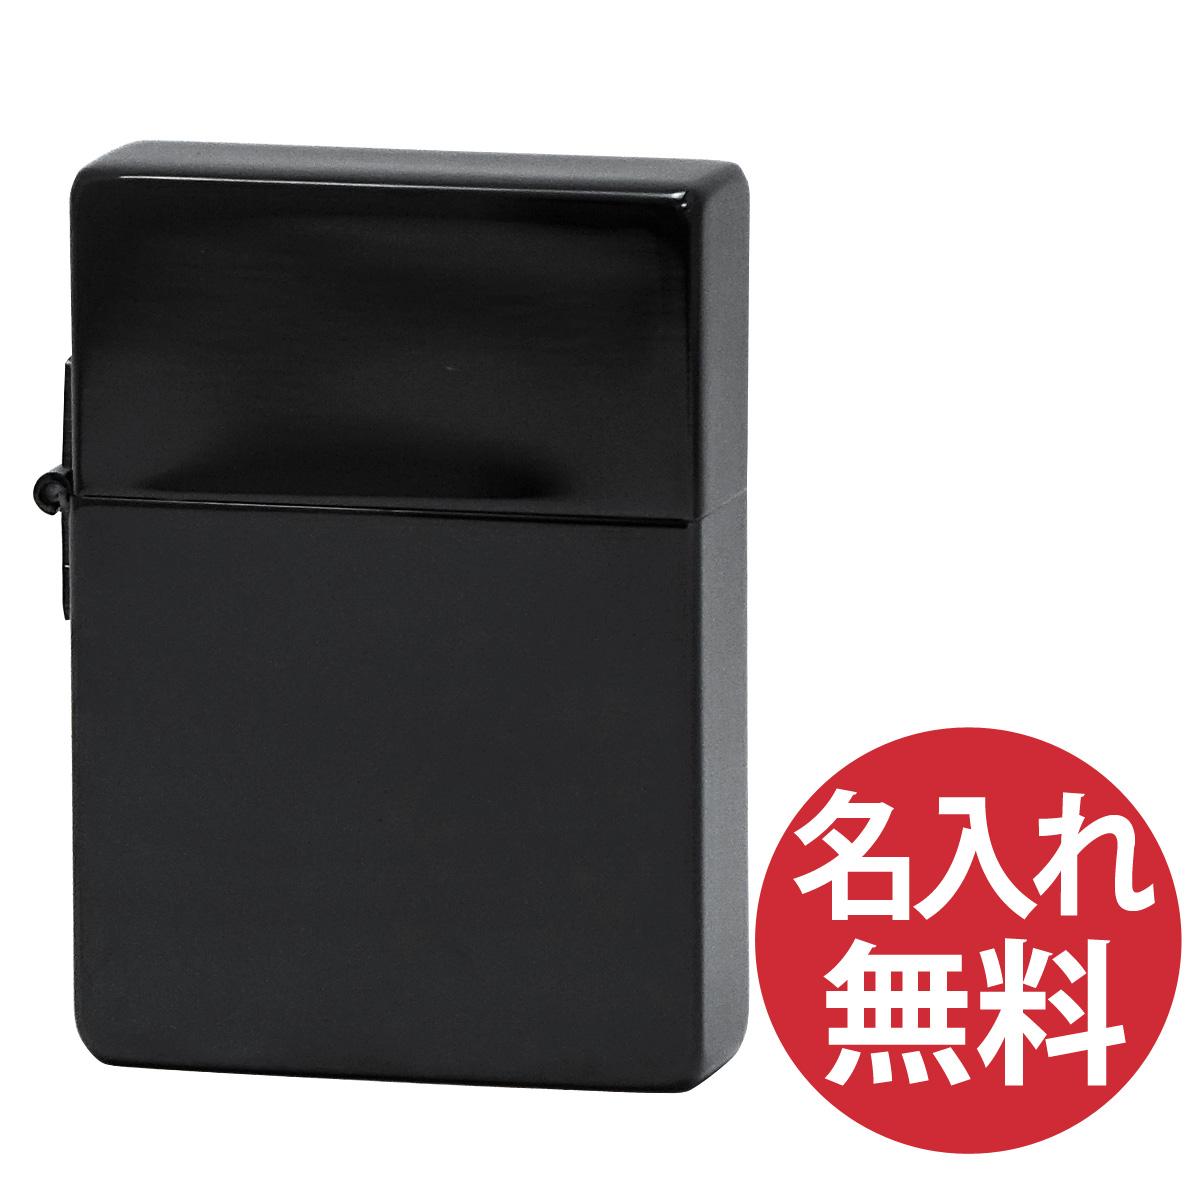 【名入れ無料】zippo ジッポ ジッポー 1935CC N8レプリカ(復刻版) ブラックチタンコーティング仕上げ ライター ブラックホール